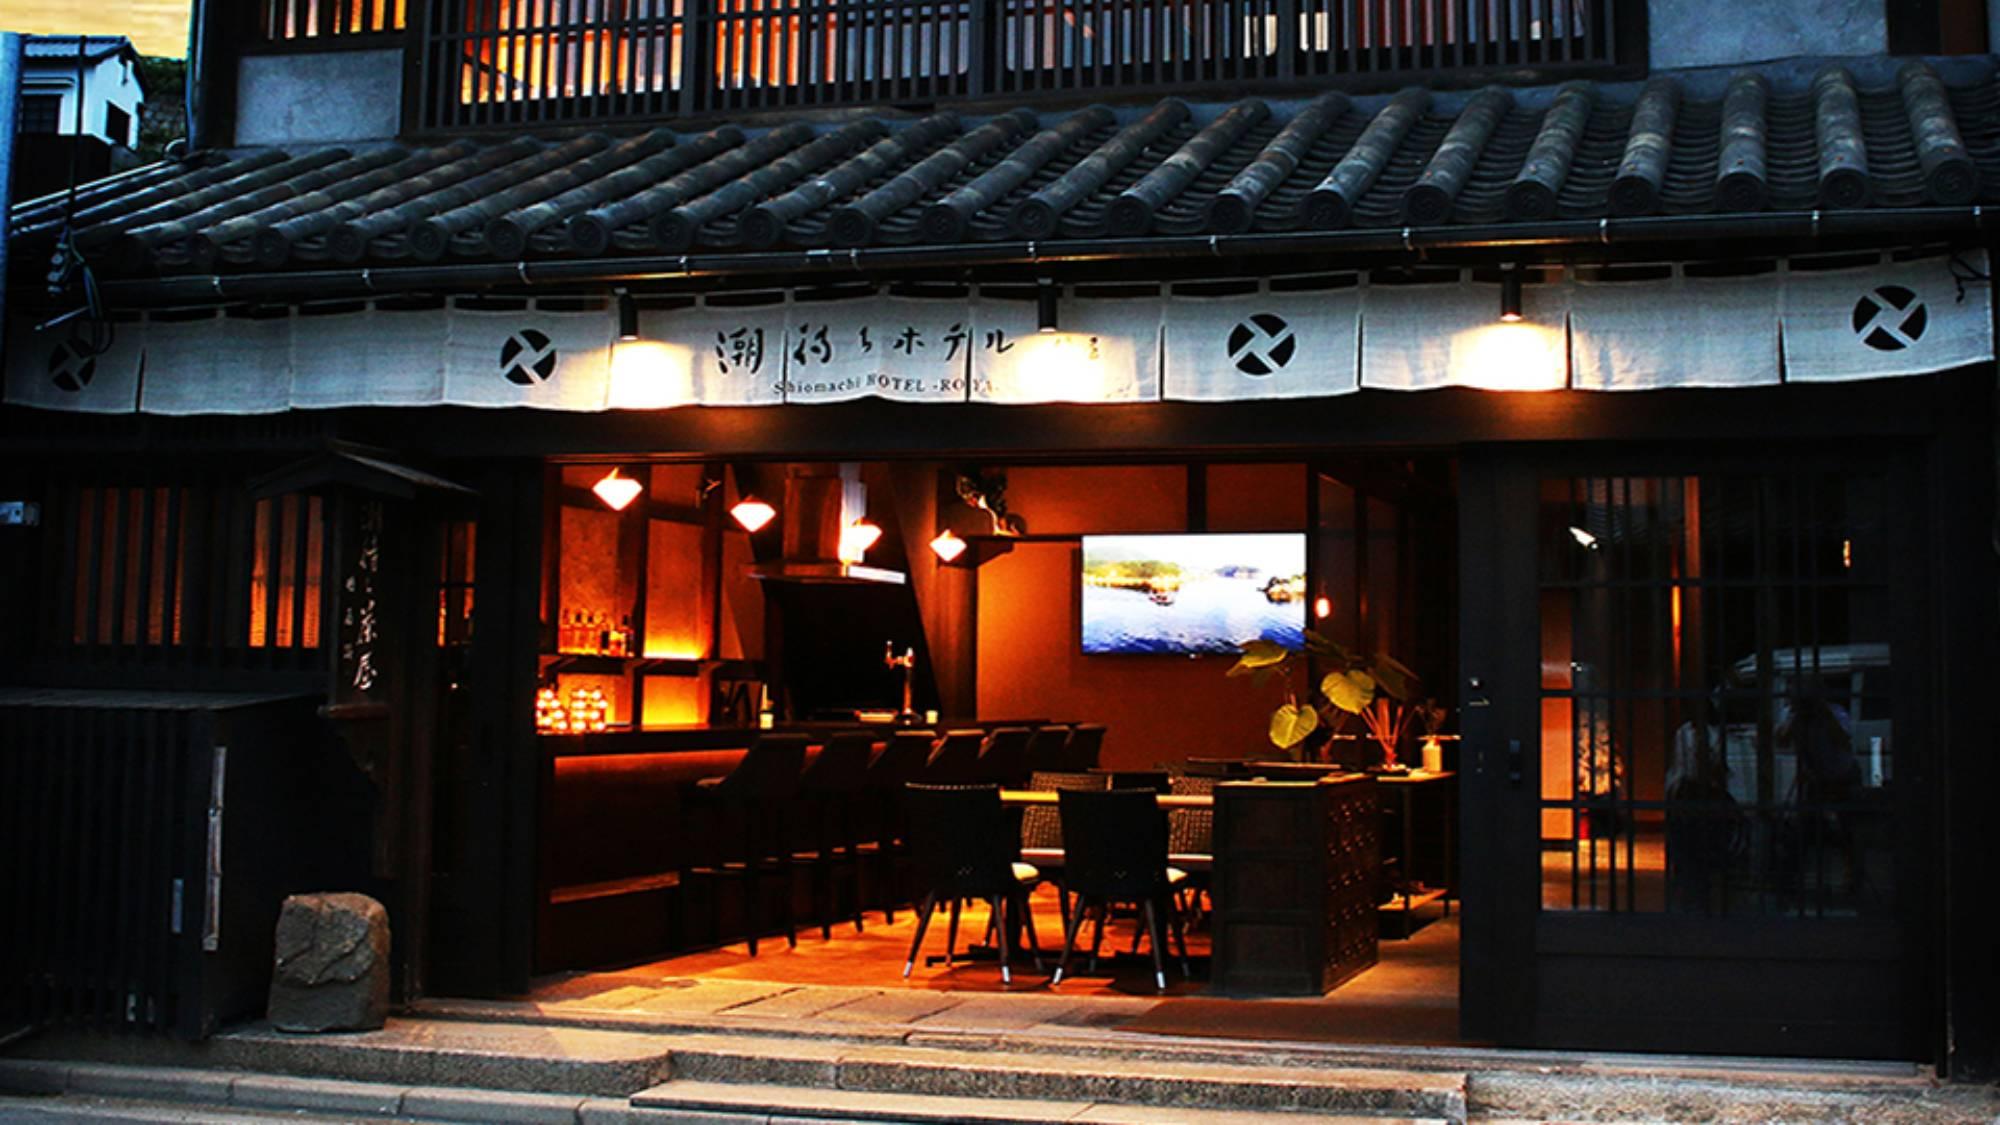 潮待ちホテル 櫓屋 Shiomachi HOTEL-ROYA-(2019年8月オープン)の施設画像